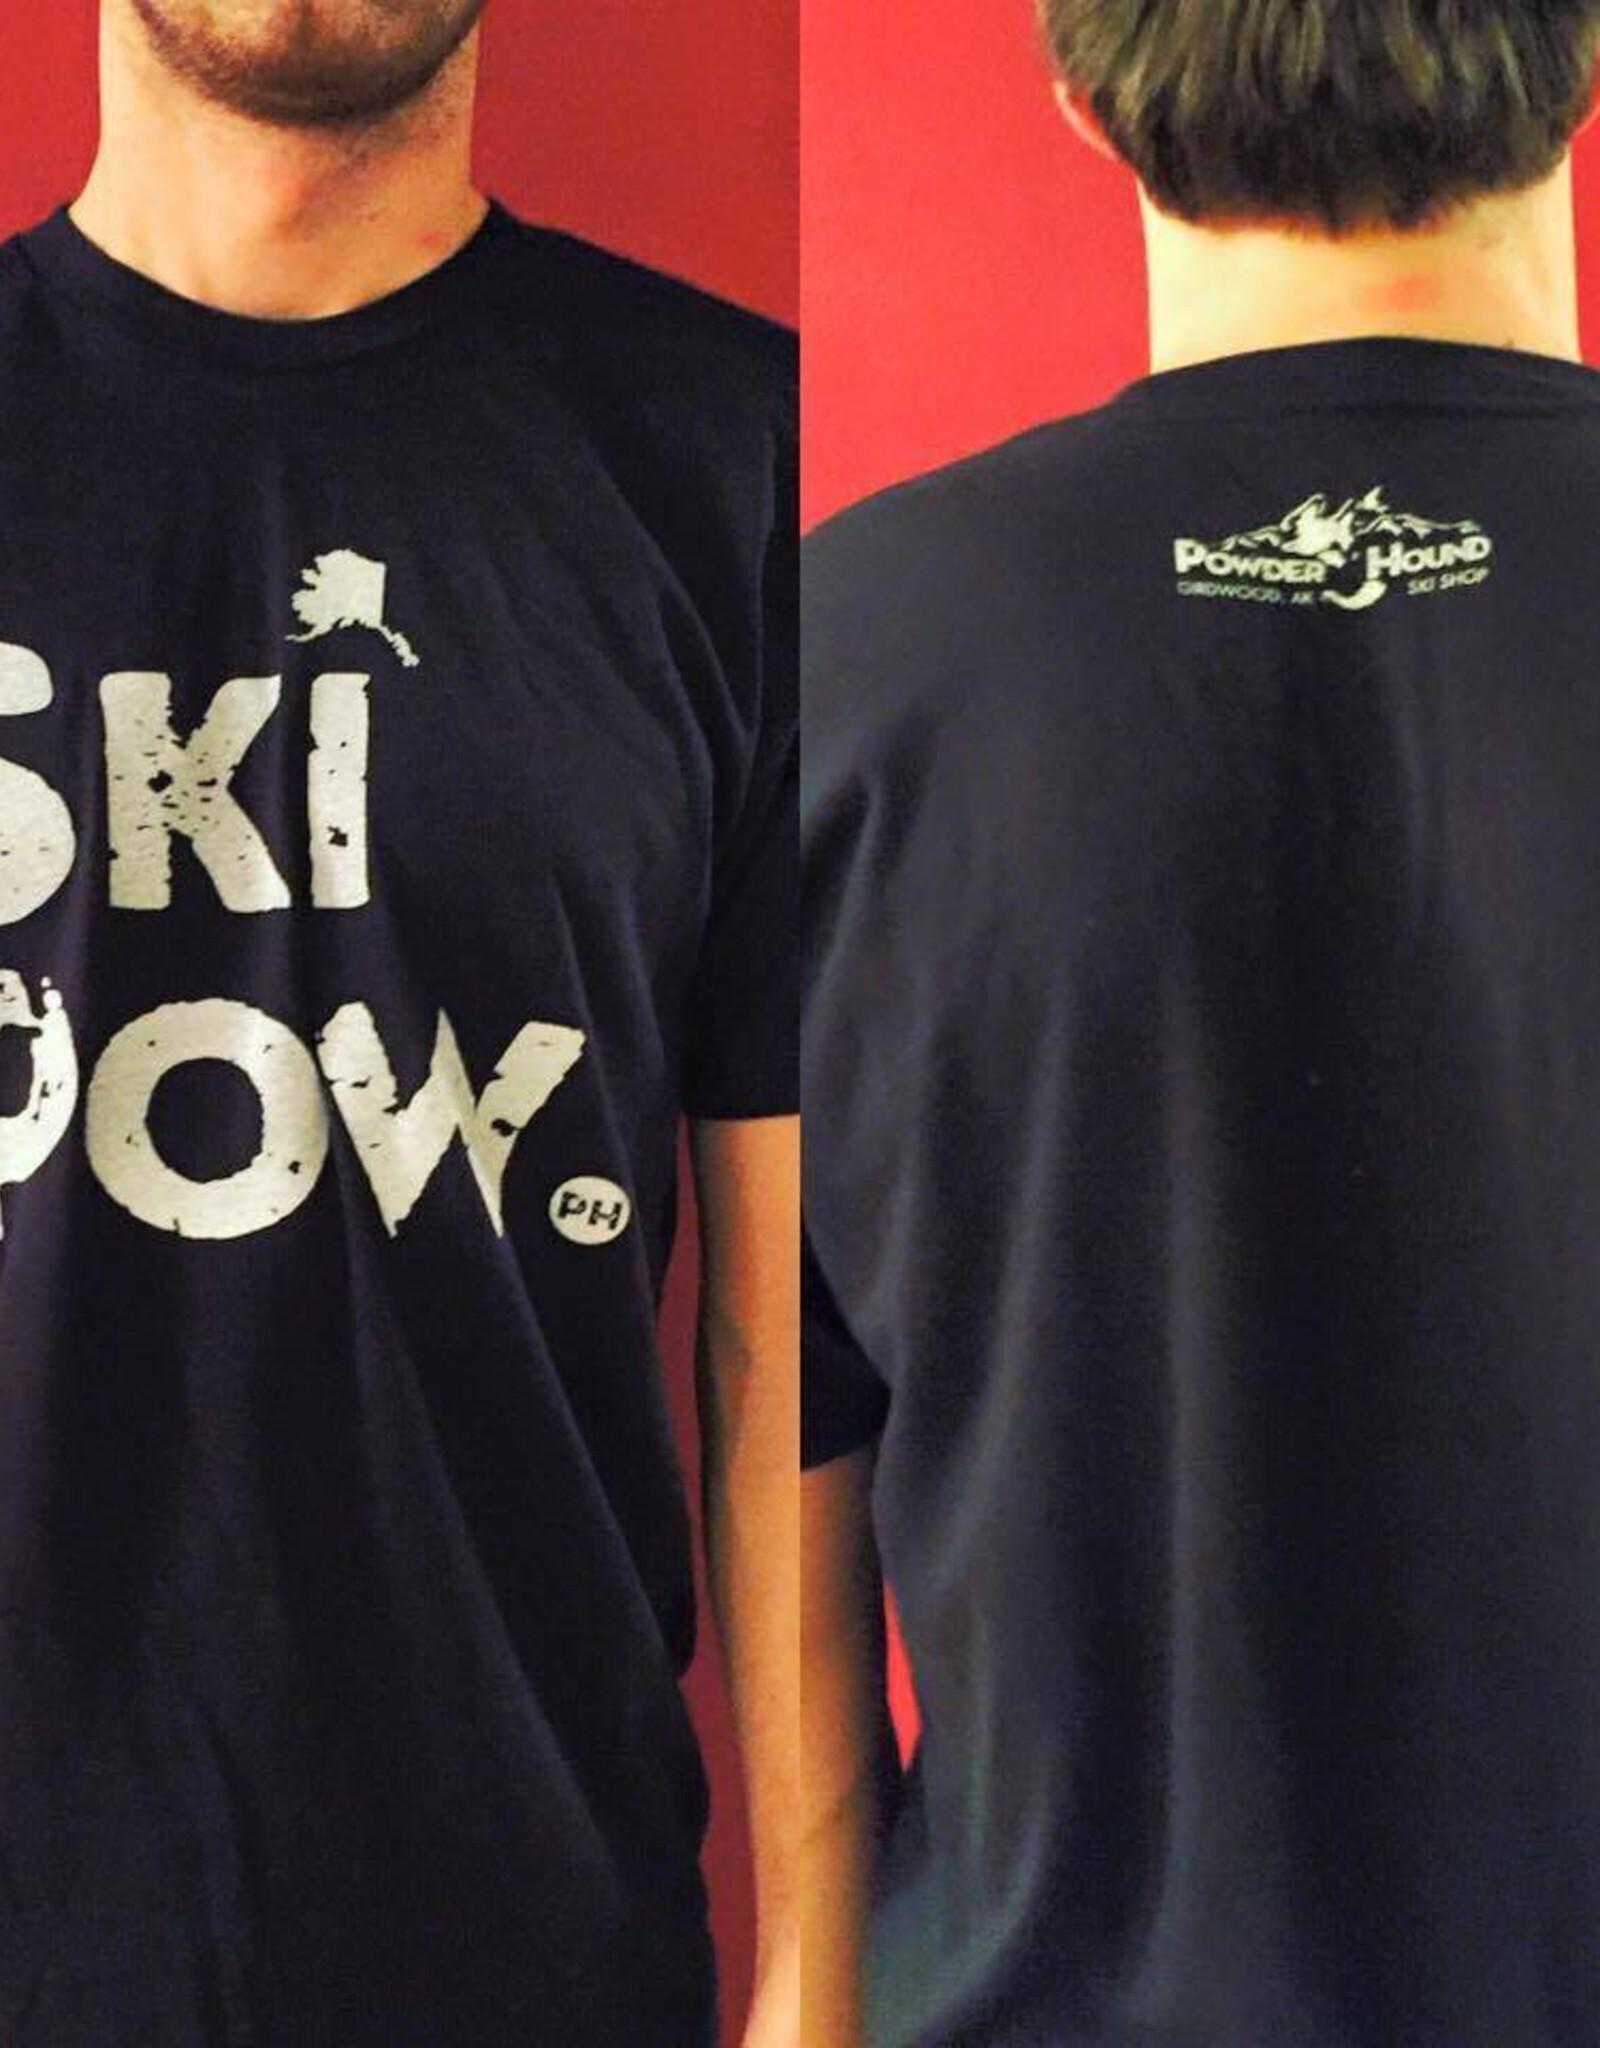 Ski Pow Tee